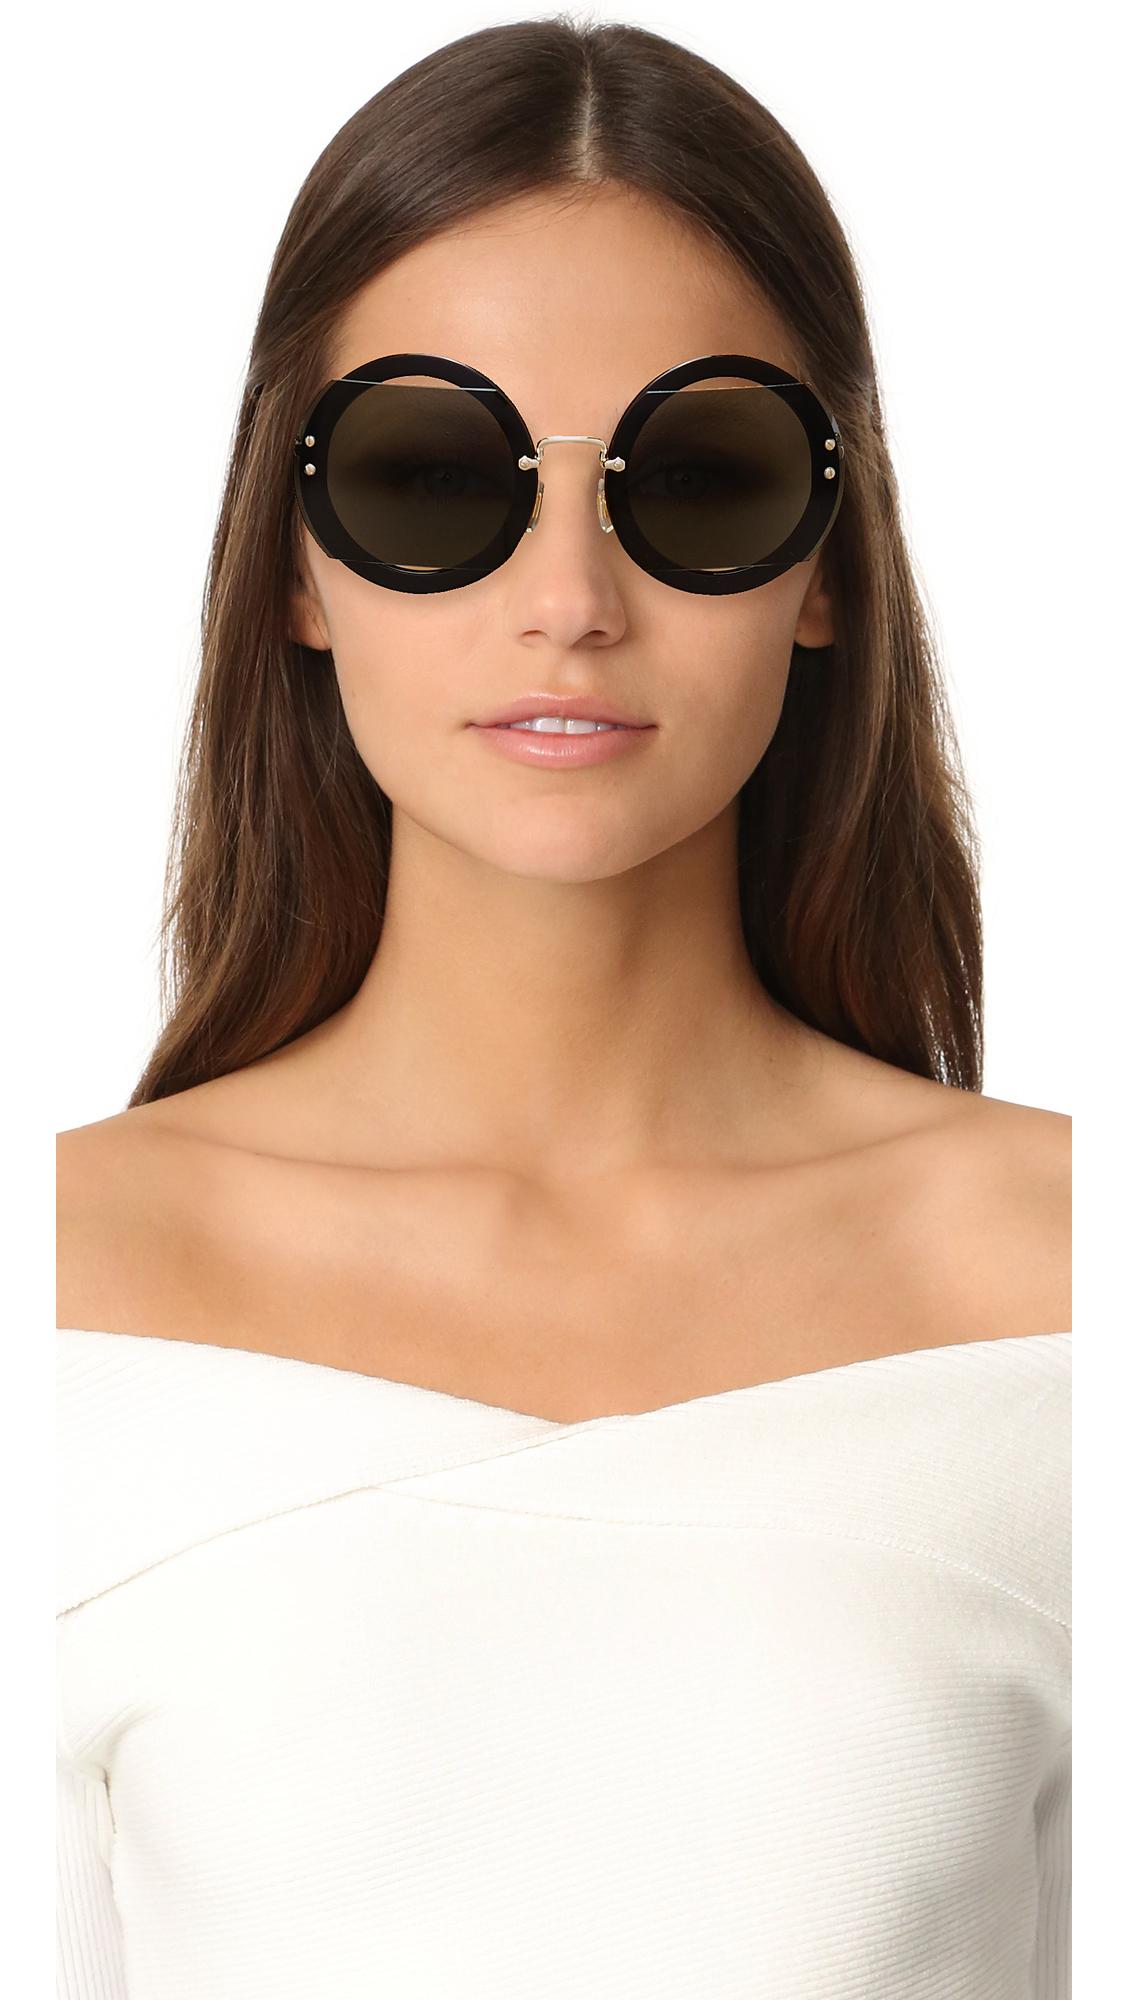 38dc39713c32 Miu Miu Reveal Sunglasses